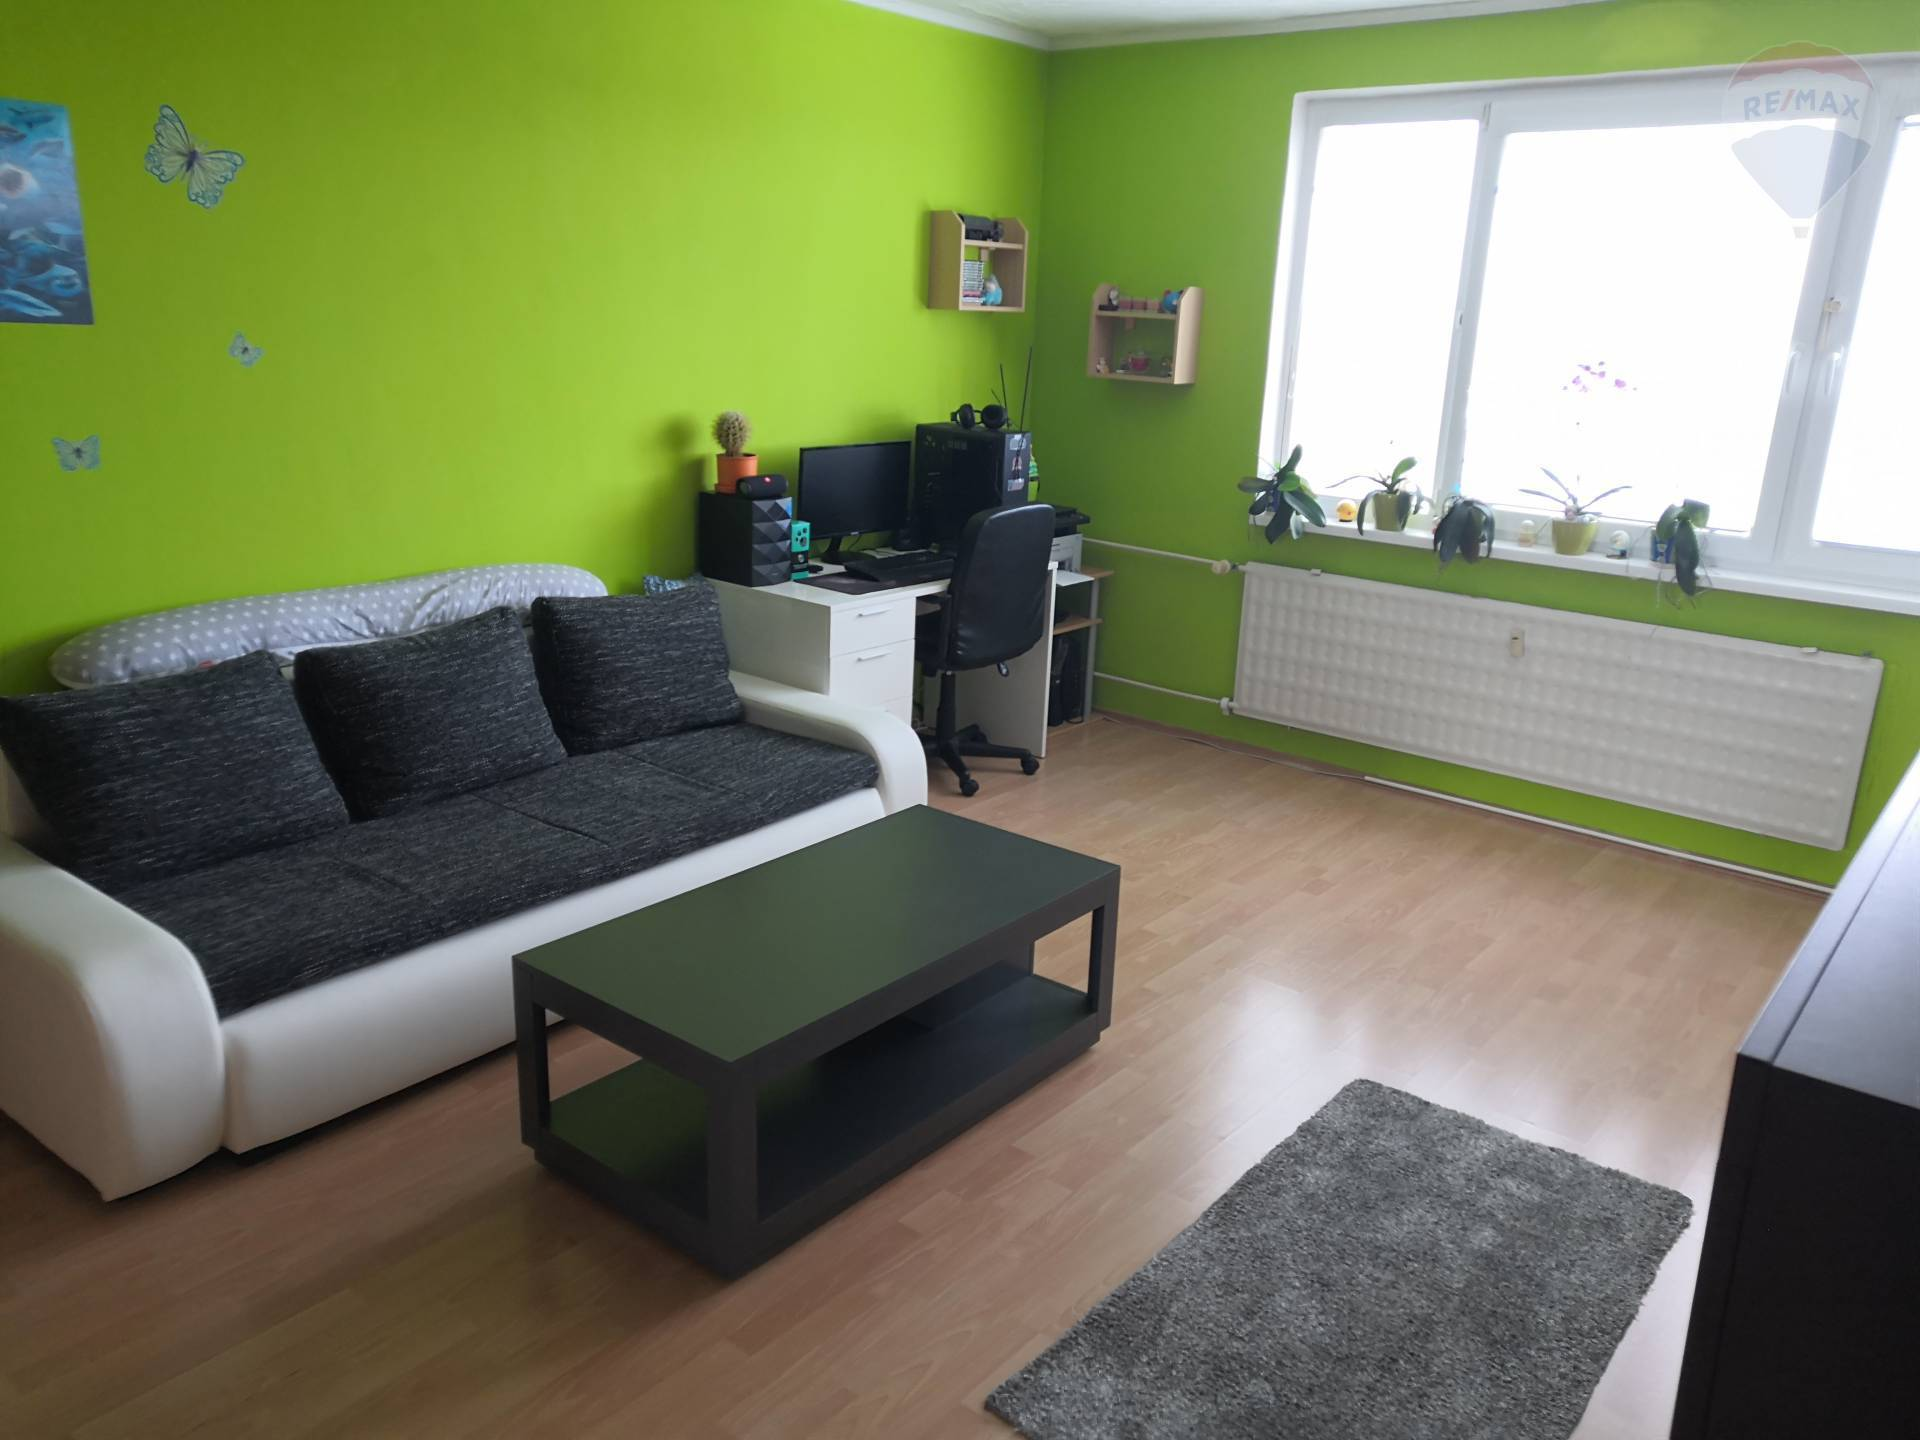 predaj 2 izbový byt Nitra, lodžia, Kmeťova EXKLUZÍVNE